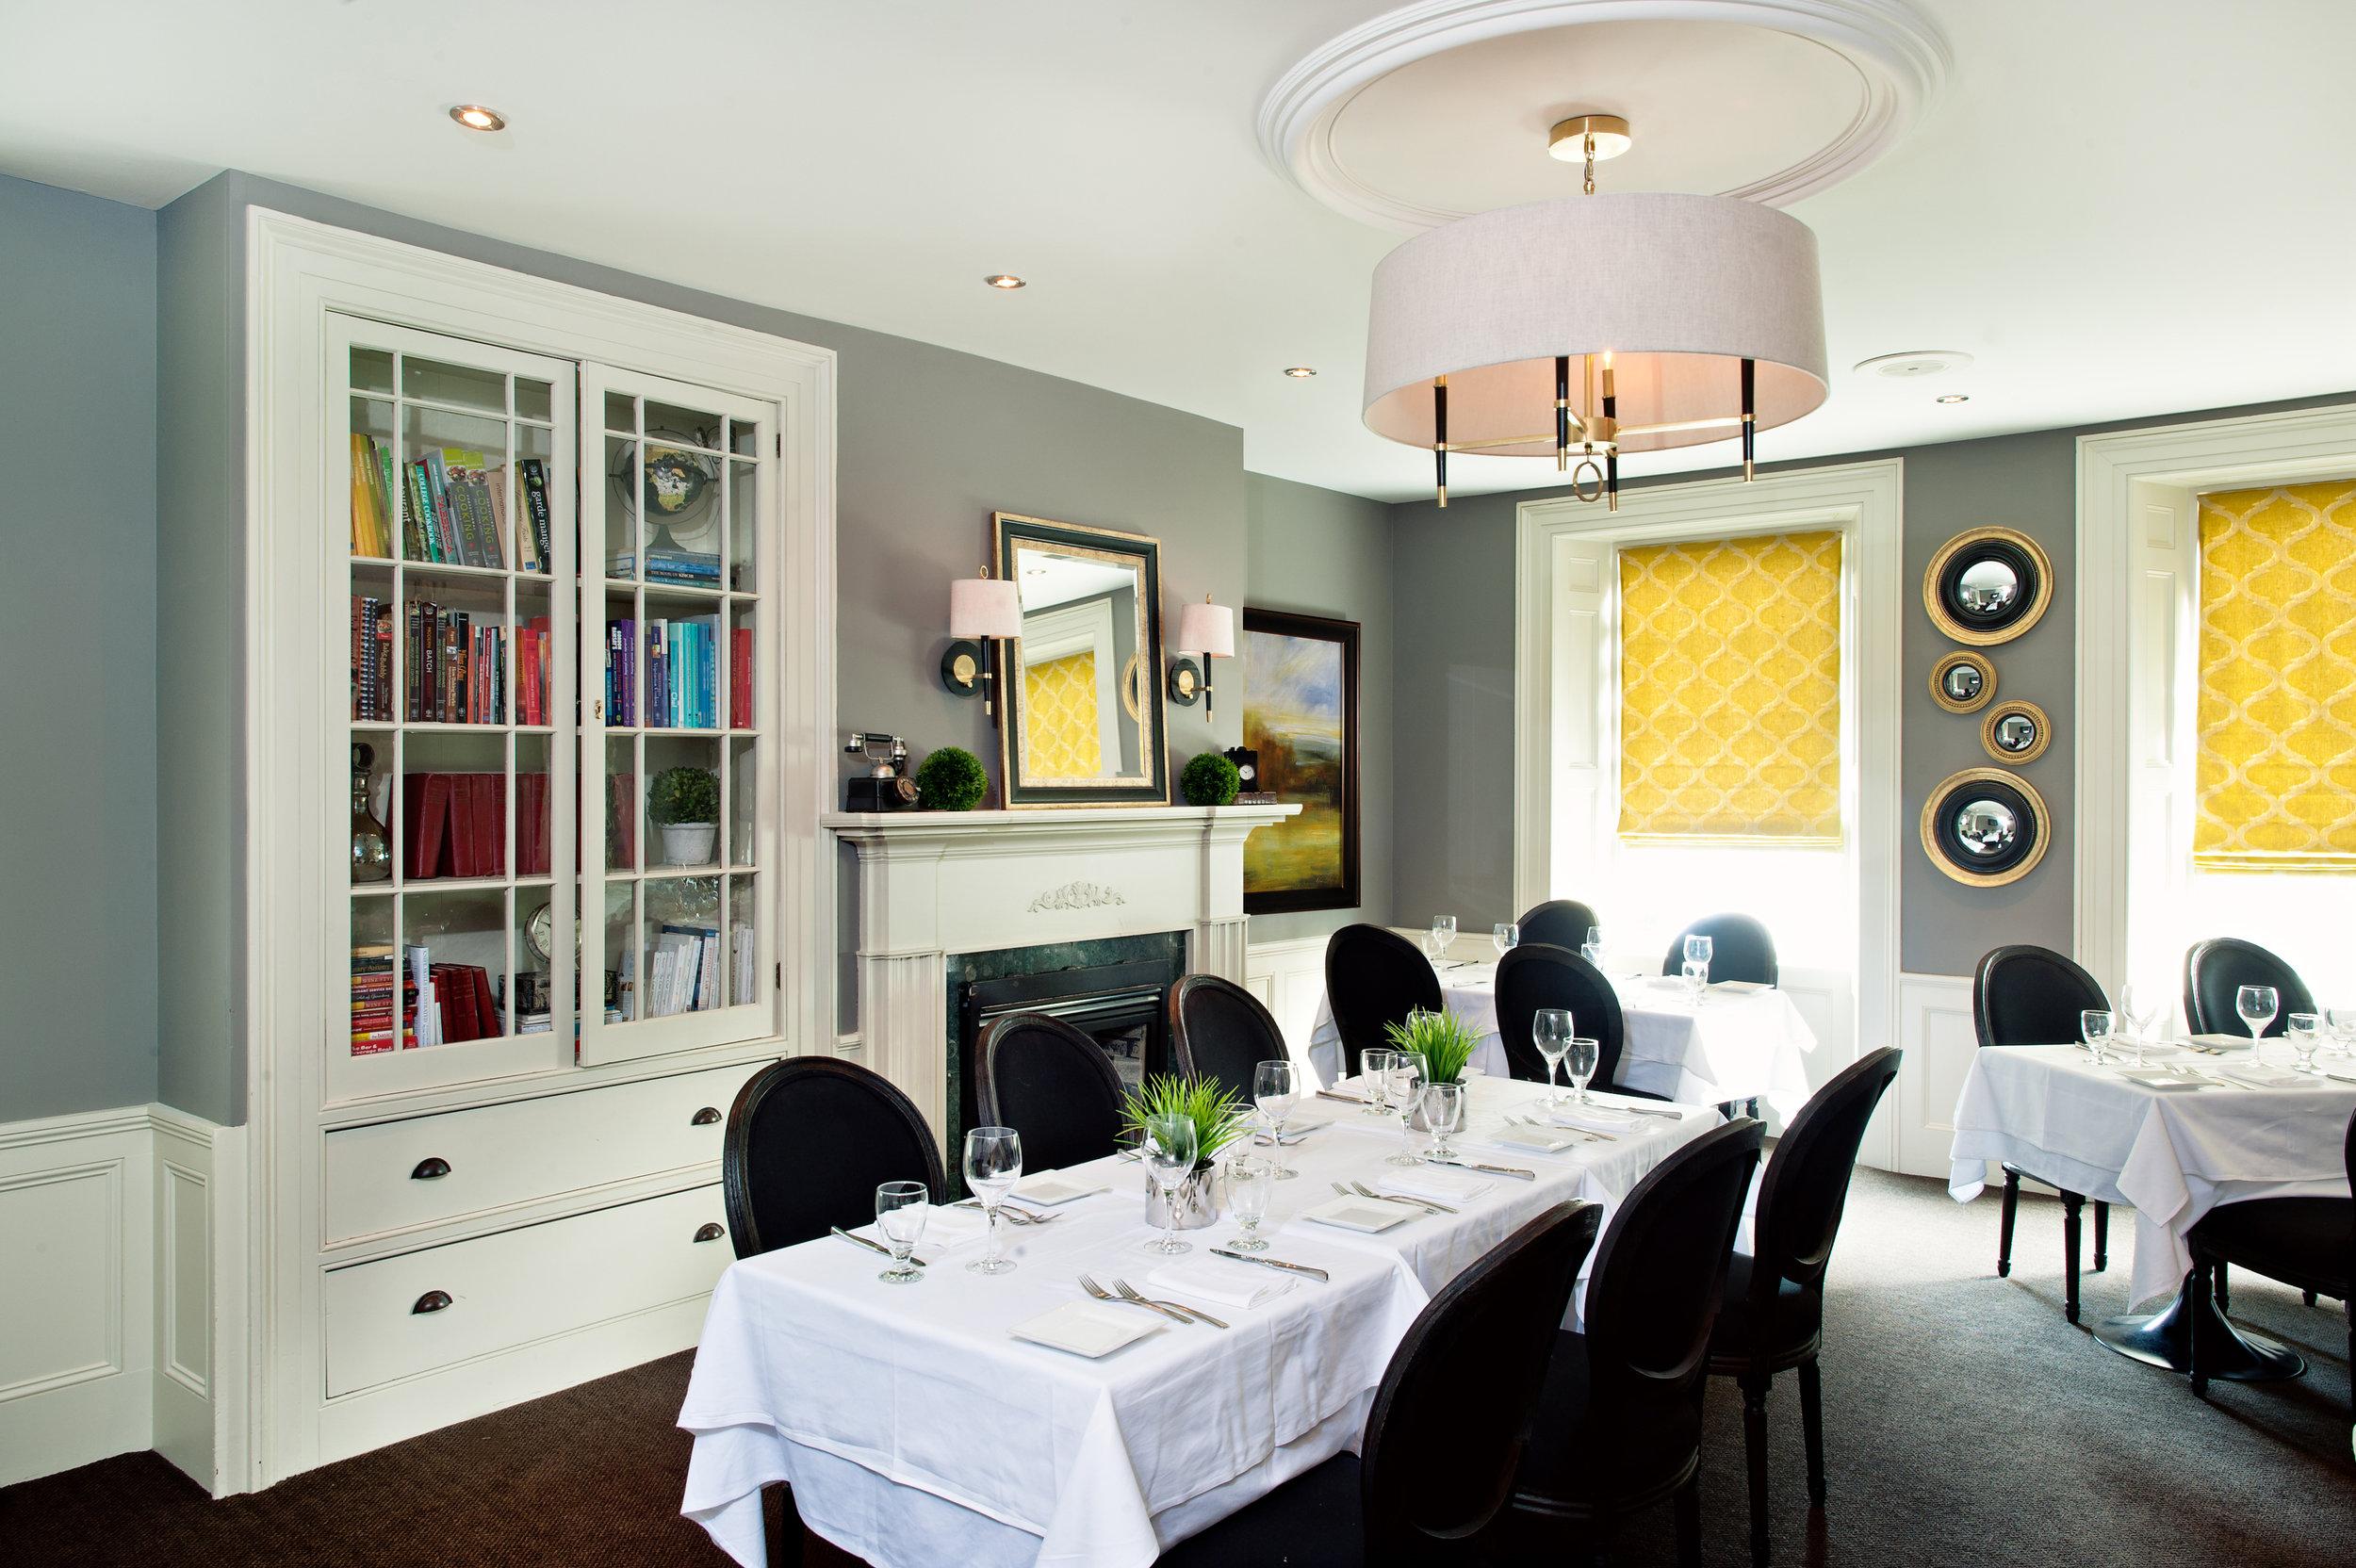 Restaurant Dining Room.jpeg